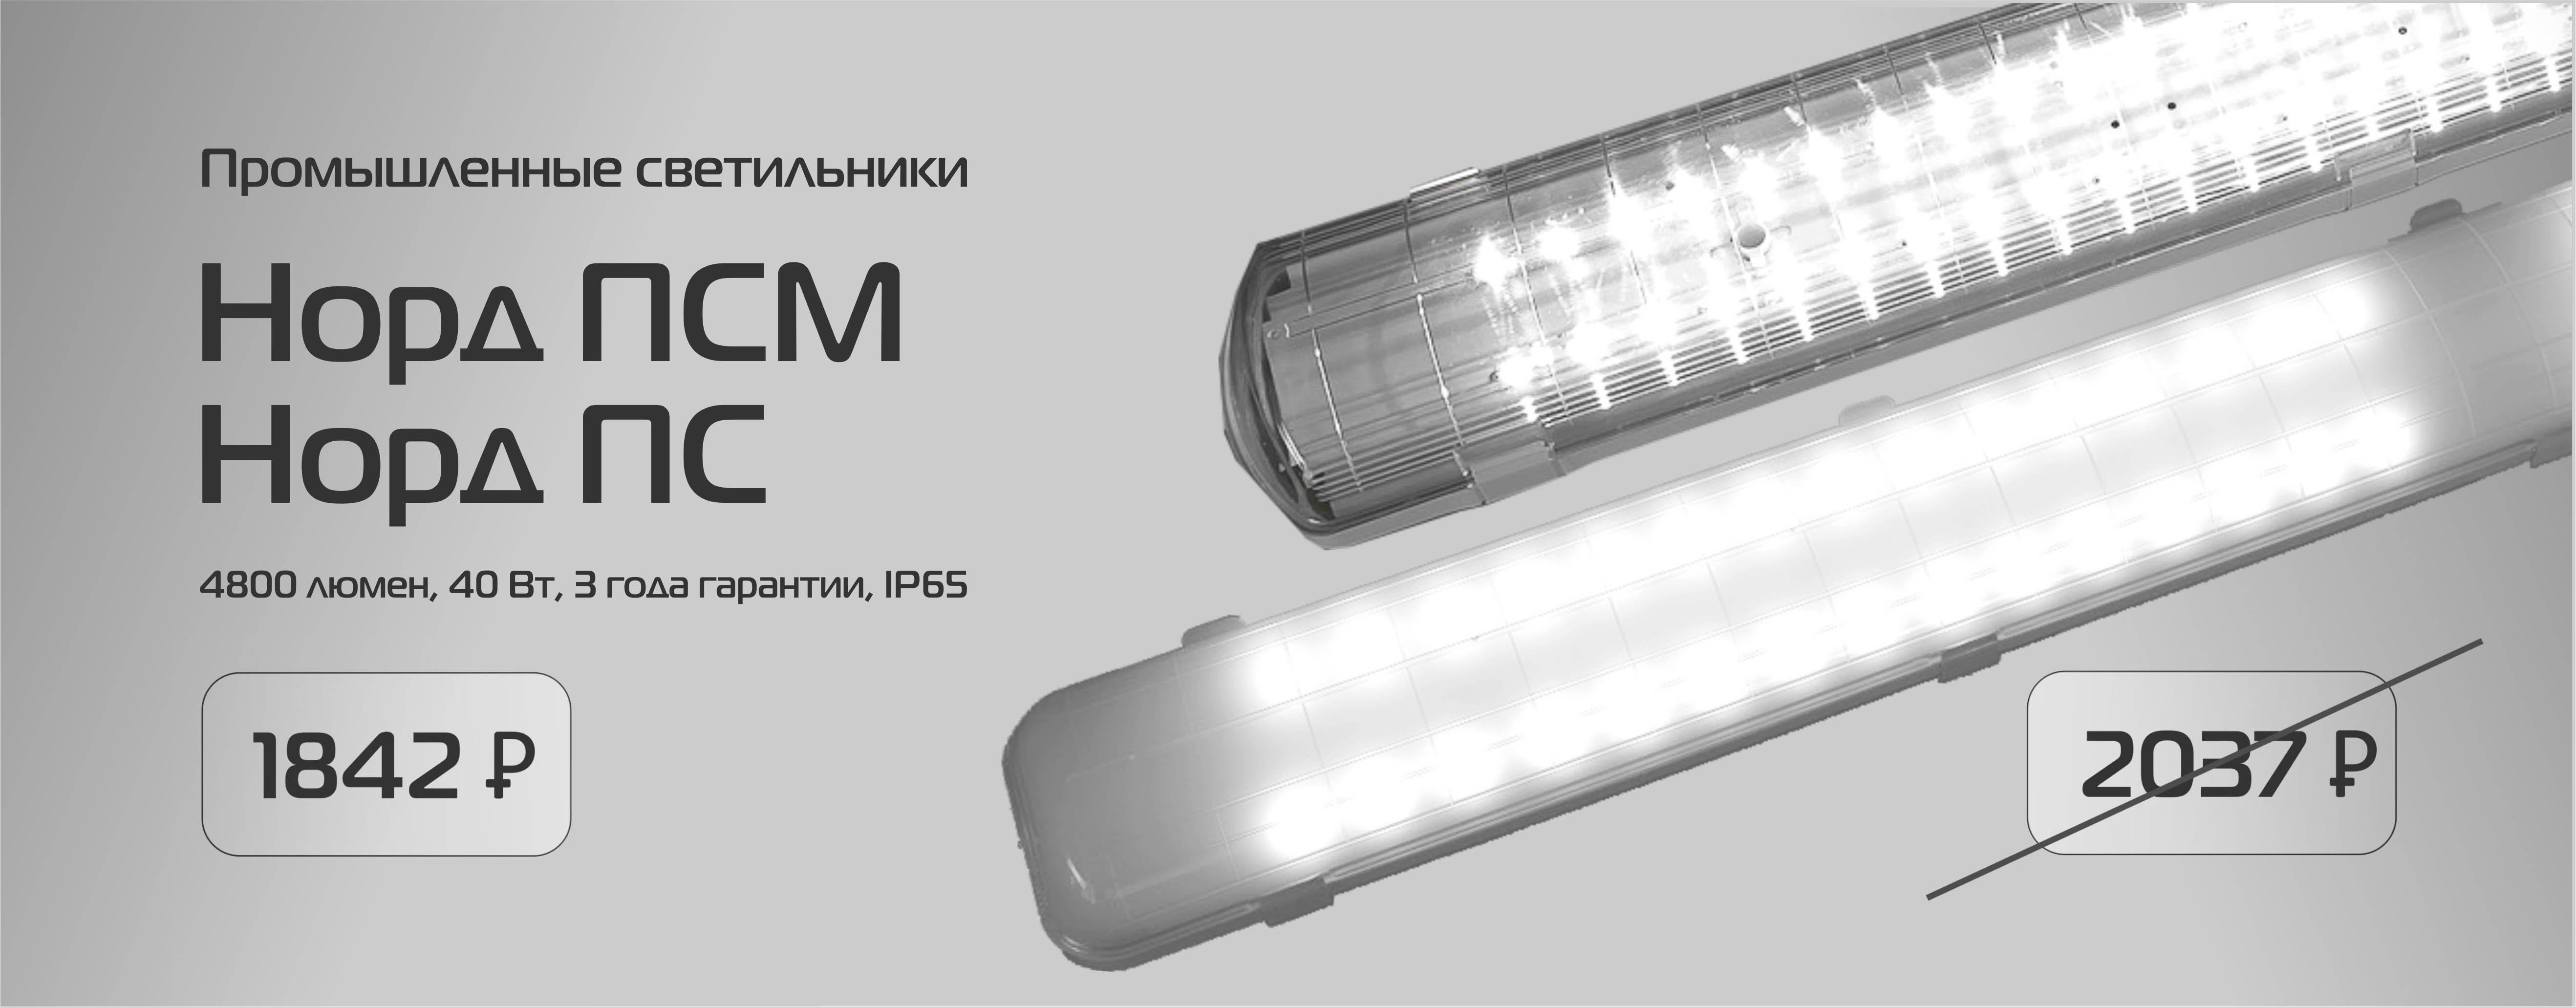 promyhlennye_svetilniki